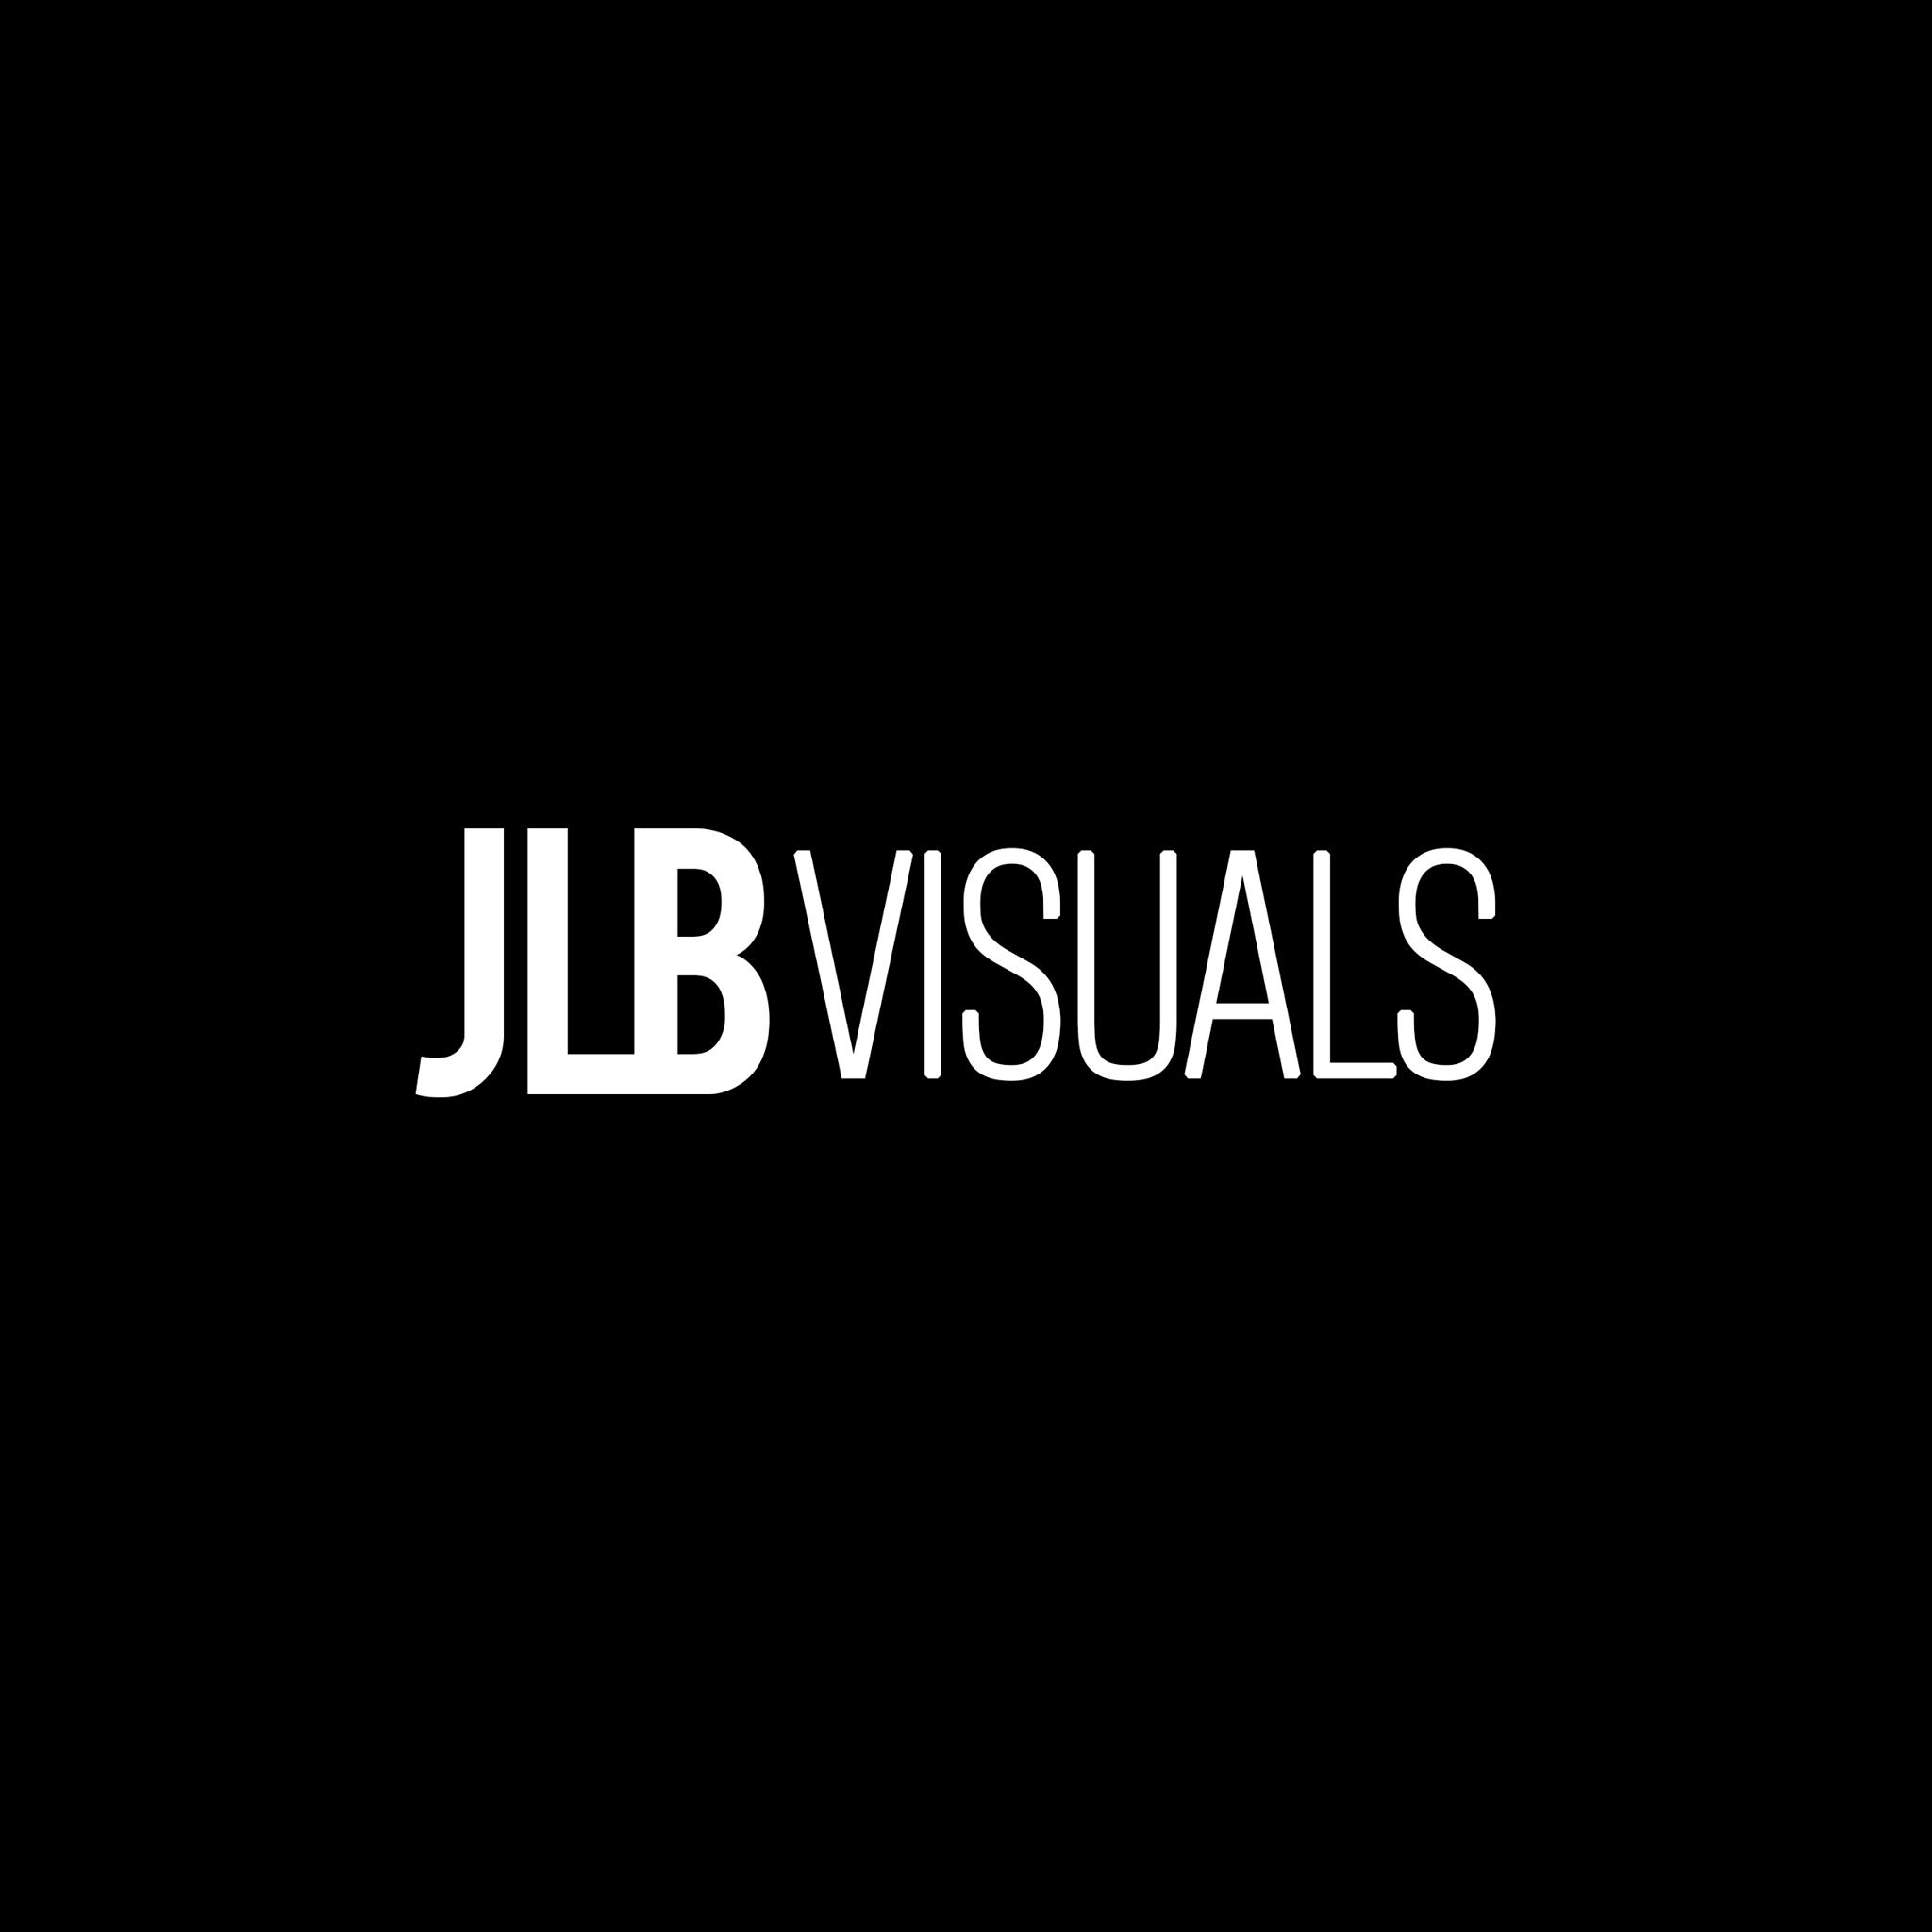 JLB Visuals 1